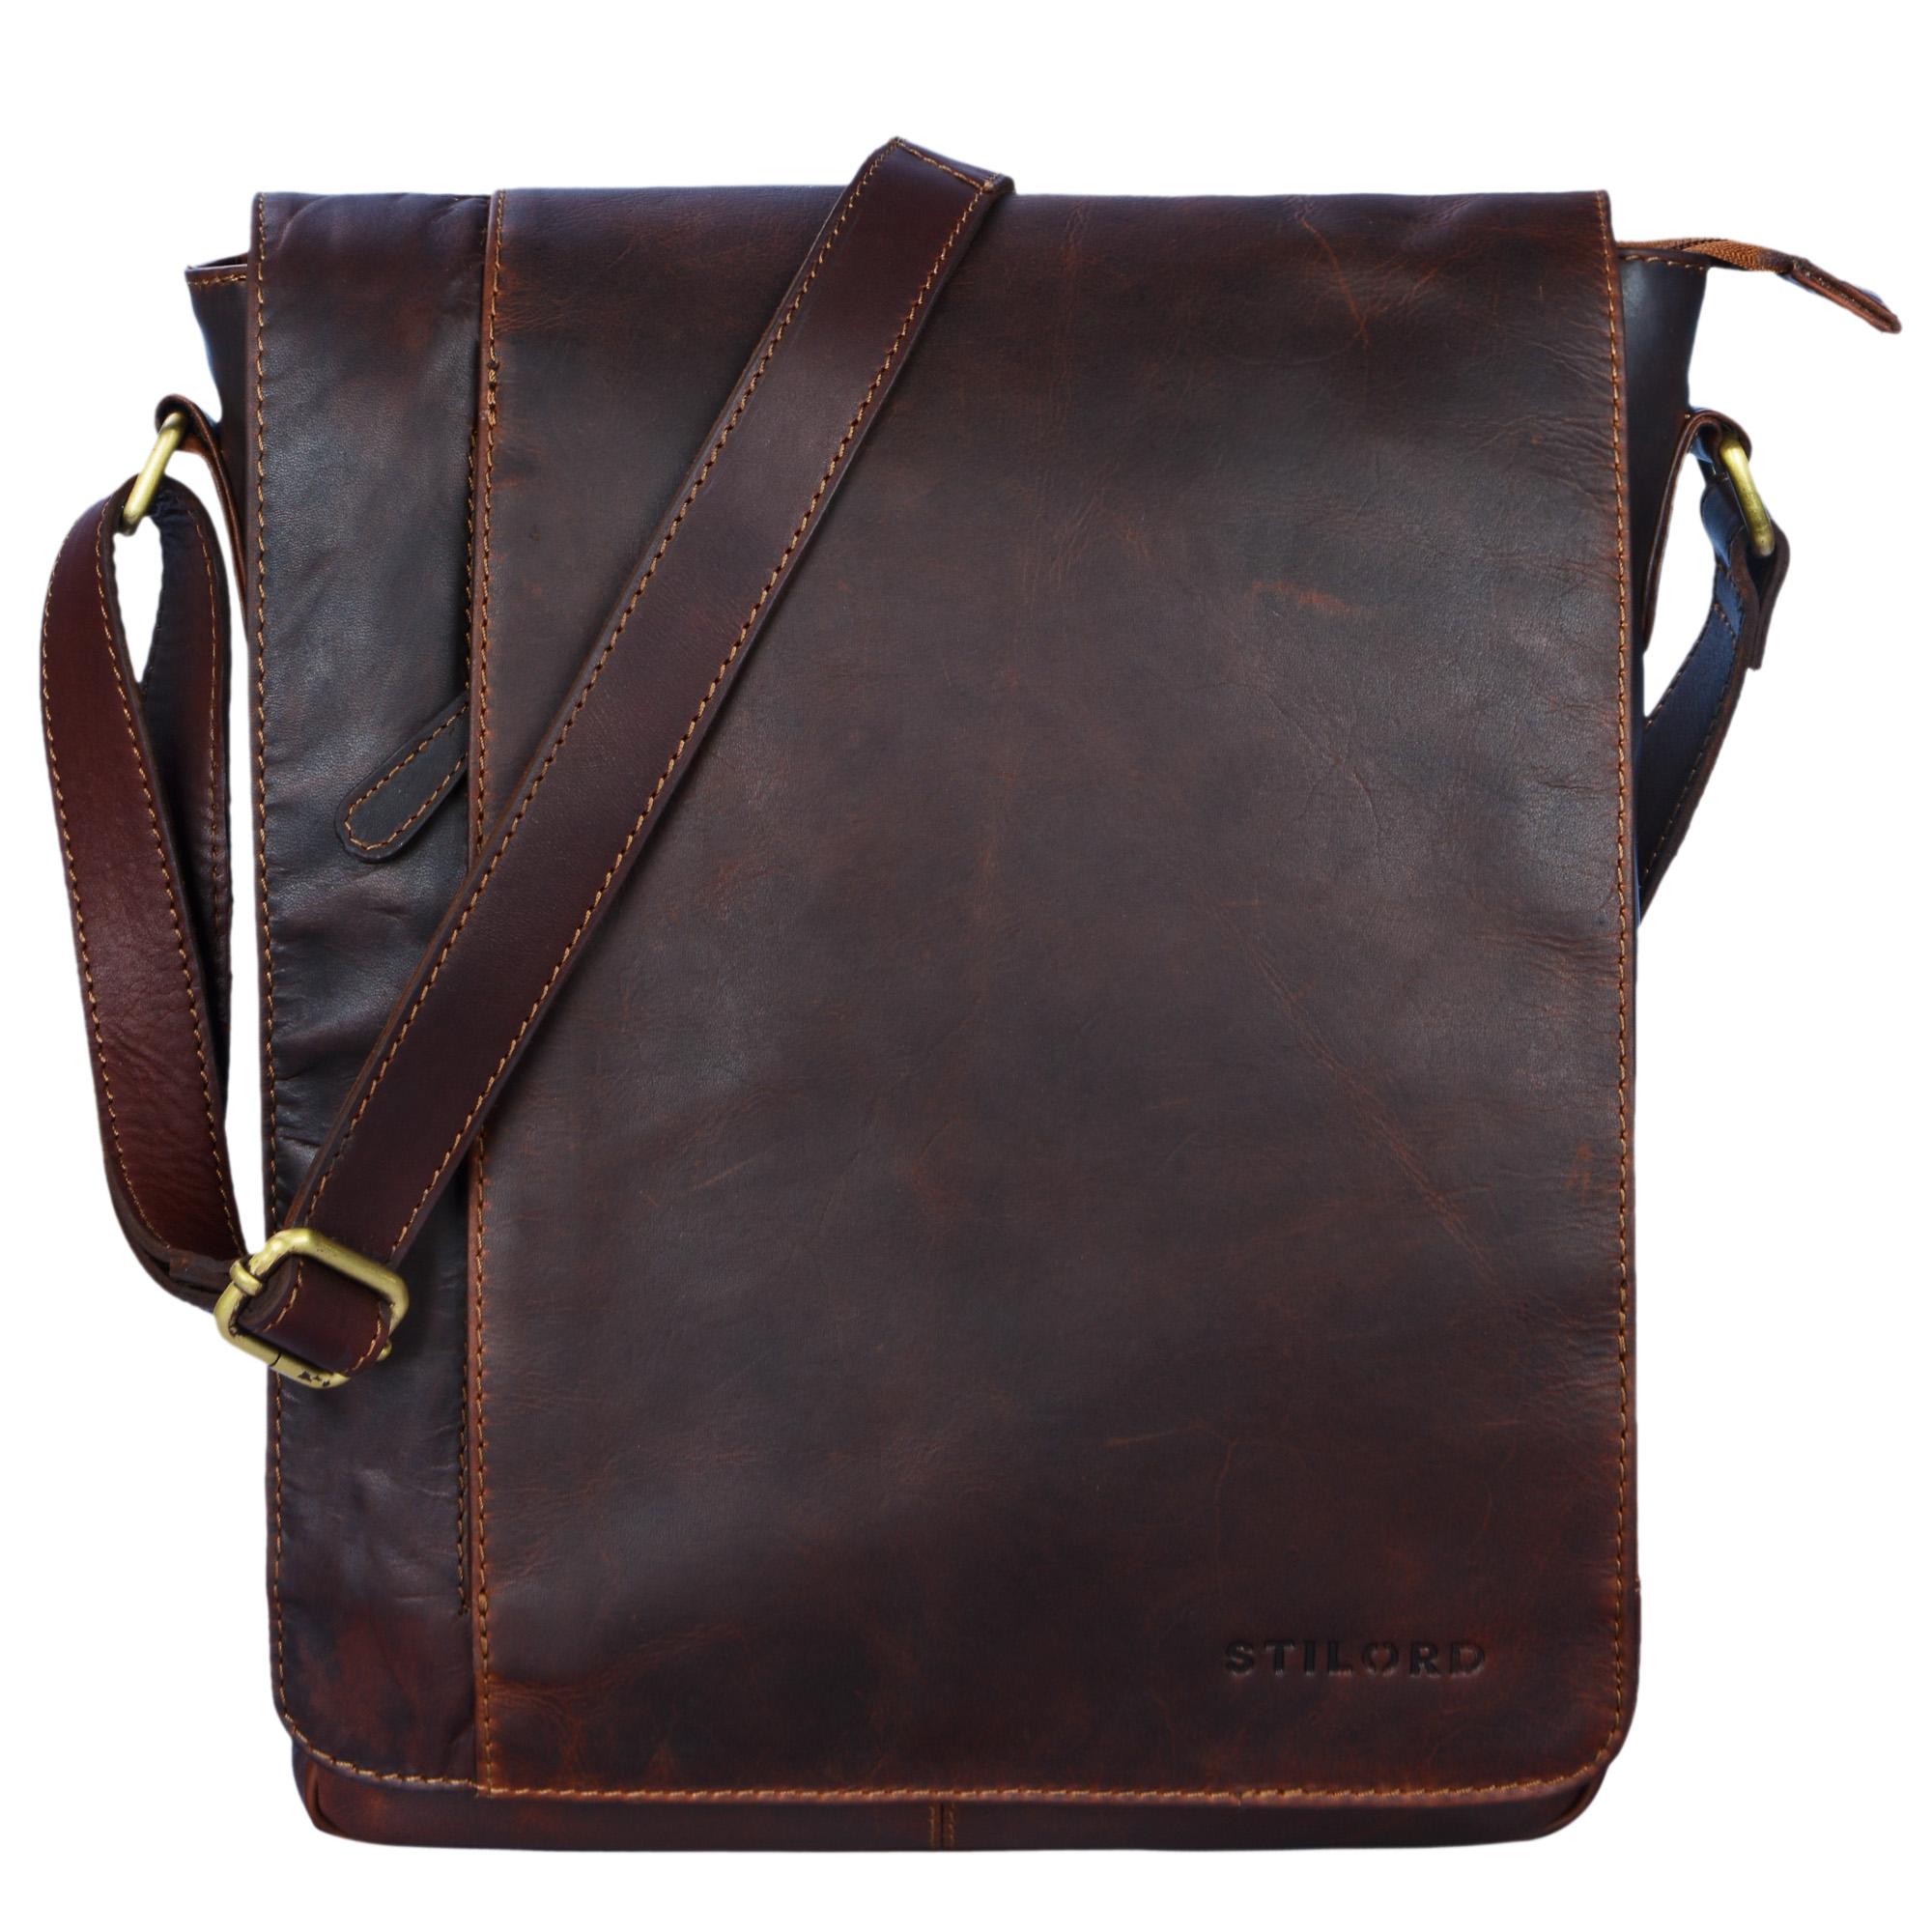 """STILORD """"Paul"""" Umhängetasche Herren Leder Hochformat braune Messenger Bag im Vintage Design Ledertasche für 13,3 Zoll MacBook iPad DIN A4 Herrentasche Echtleder - Bild 17"""